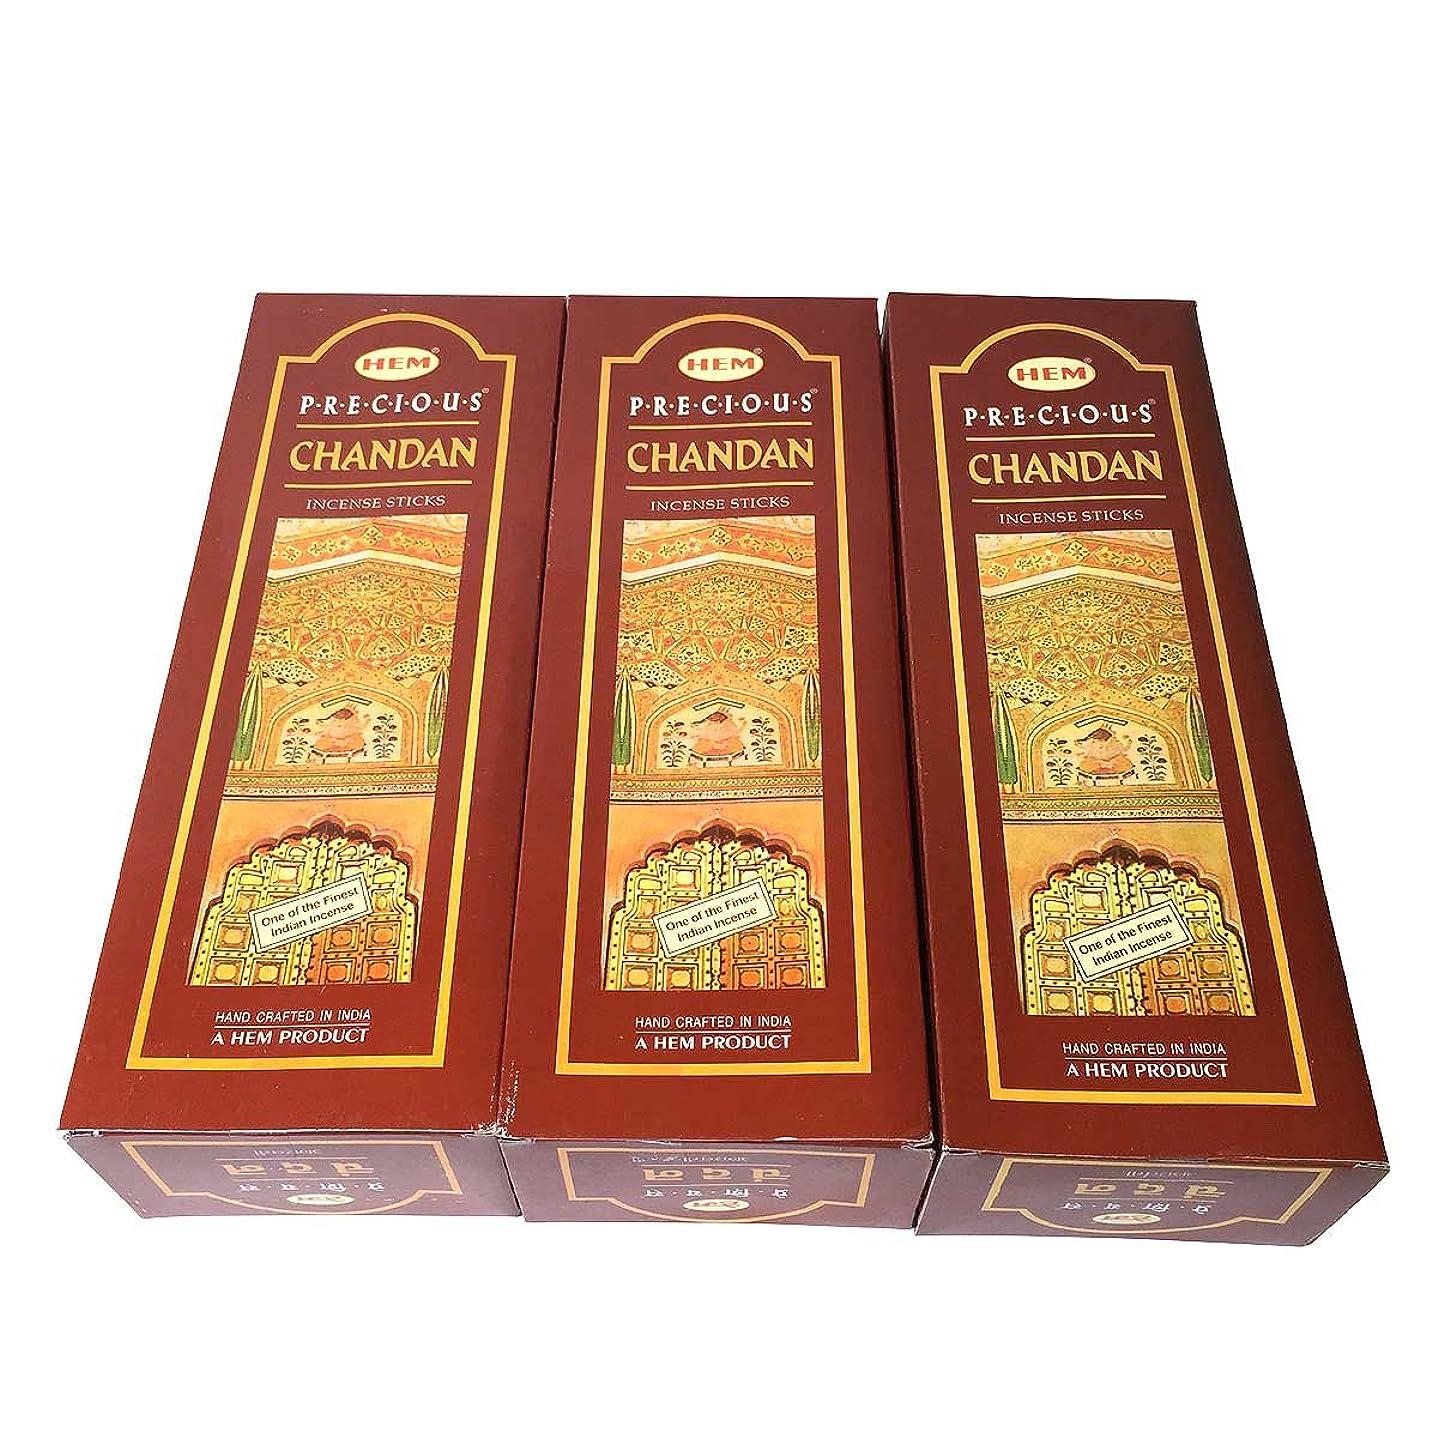 物理添加剤にじみ出るチャンダン香 スティック 3BOX(18箱) / HEM CHANDAN / インド香 お香 [並行輸入品]